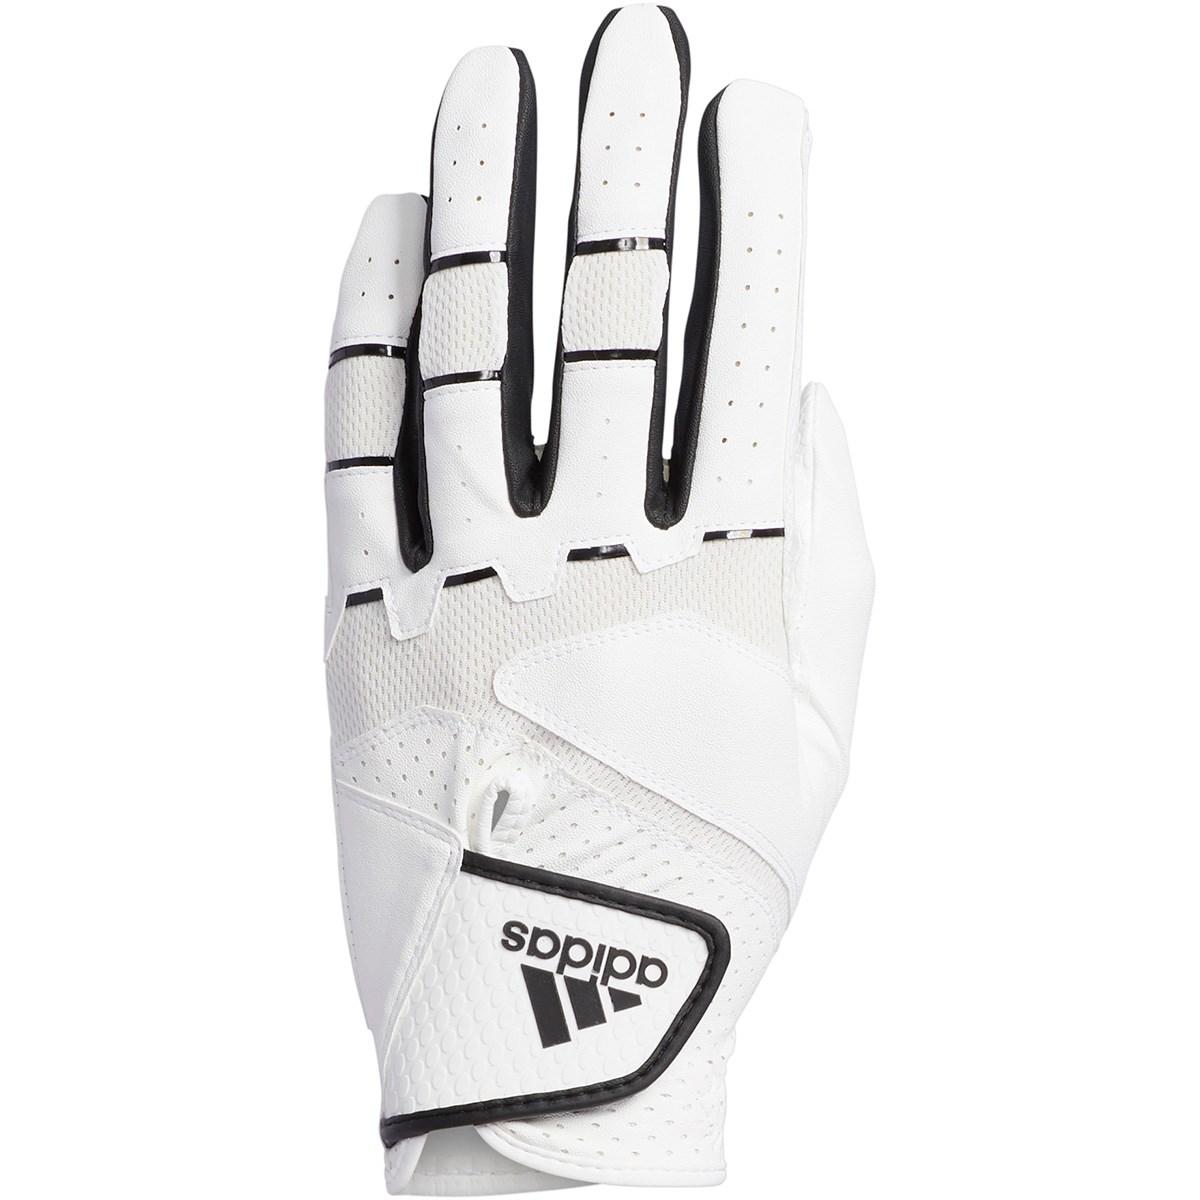 アディダス Adidas ノンスリップ20 グローブ 21cm 左手着用(右利き用) ホワイト/ブラック